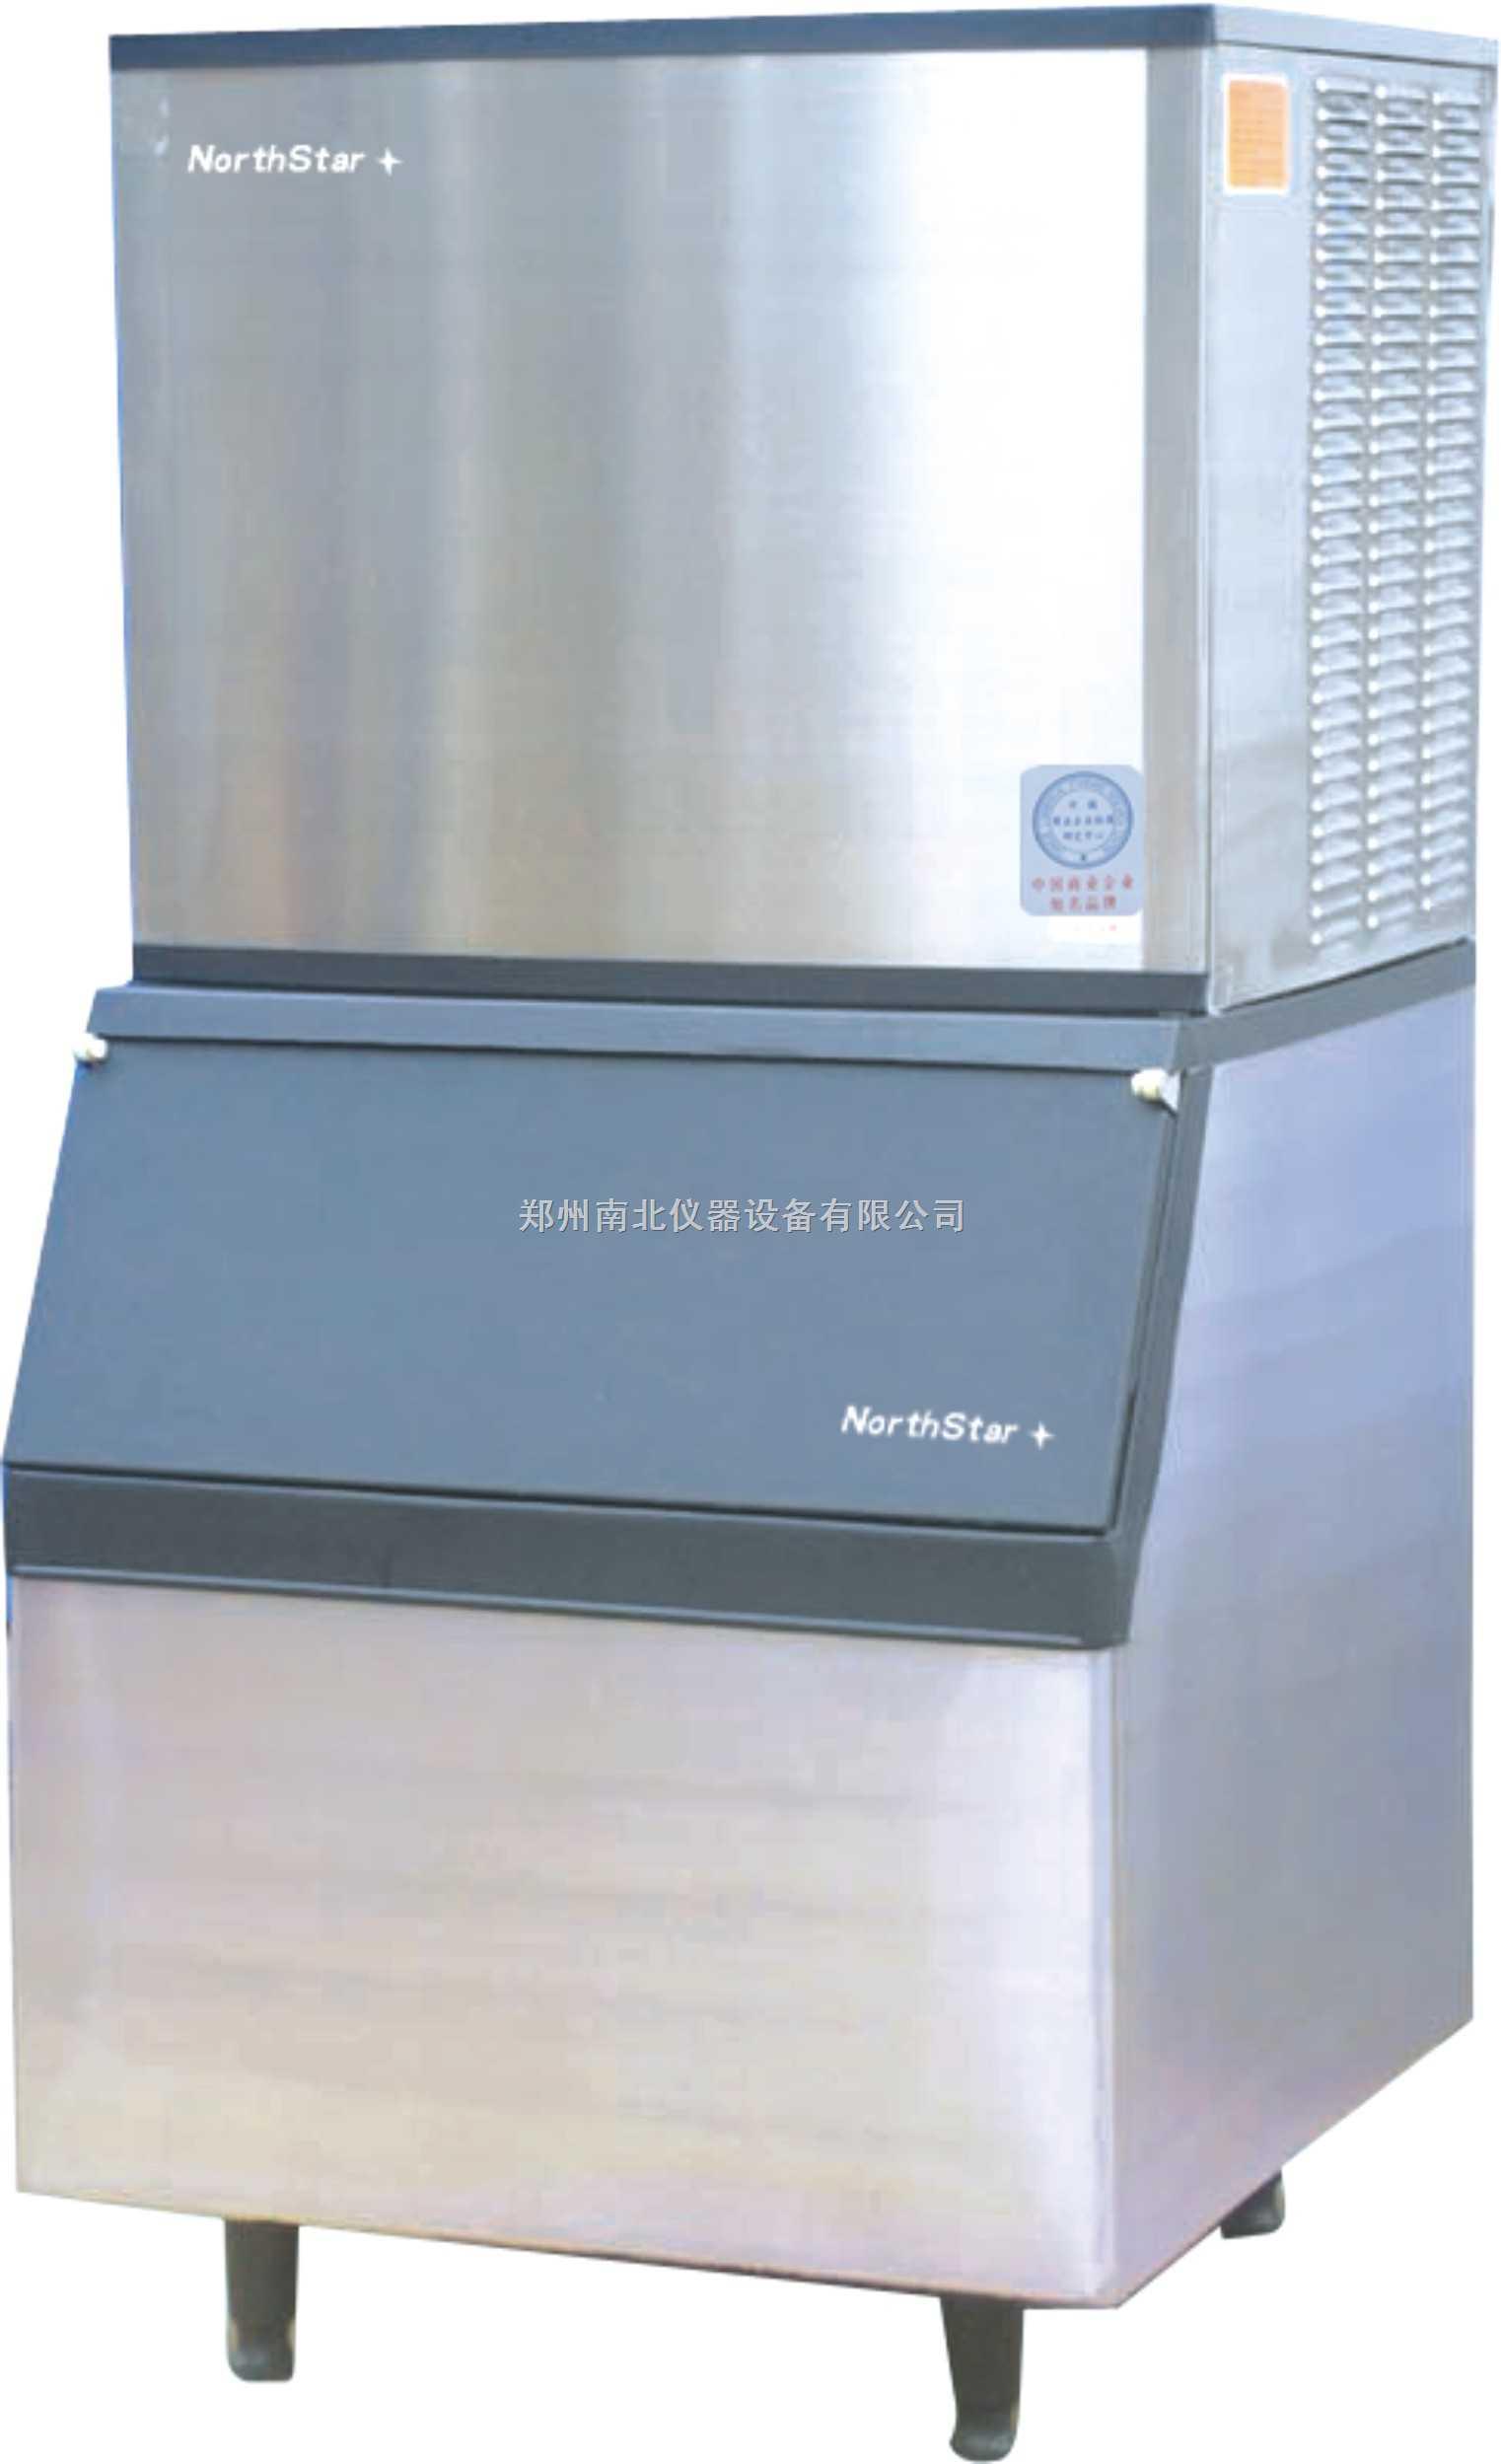 产品库 通用设备 其它通用设备 其它通用设备 180公斤方块制冰机